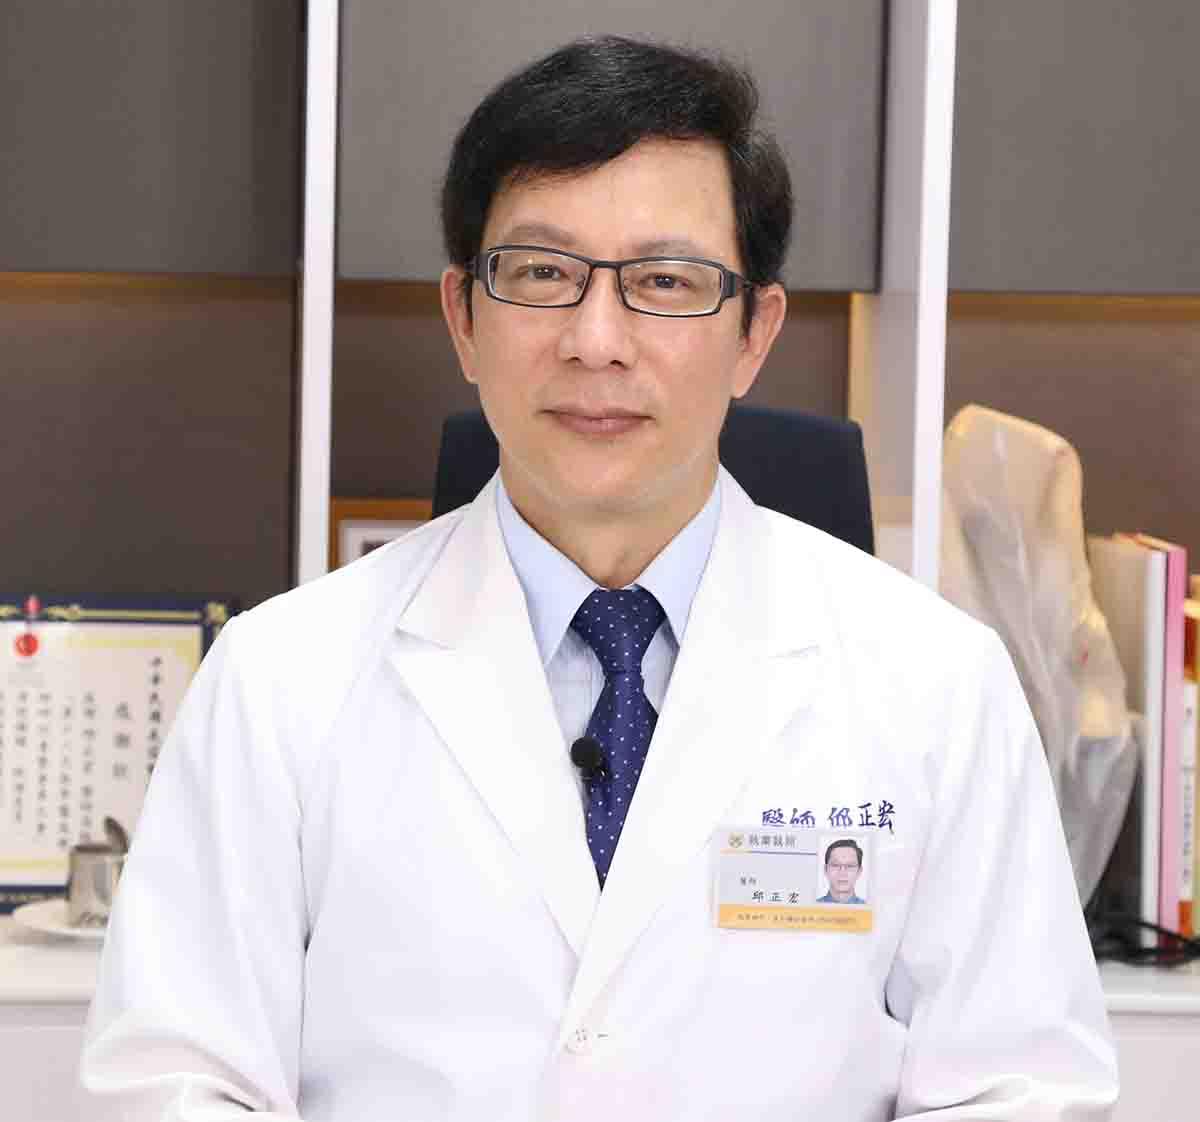 『美容整型外科』(Aesthetic Plastic Surgery) 醫學期刊邀請函